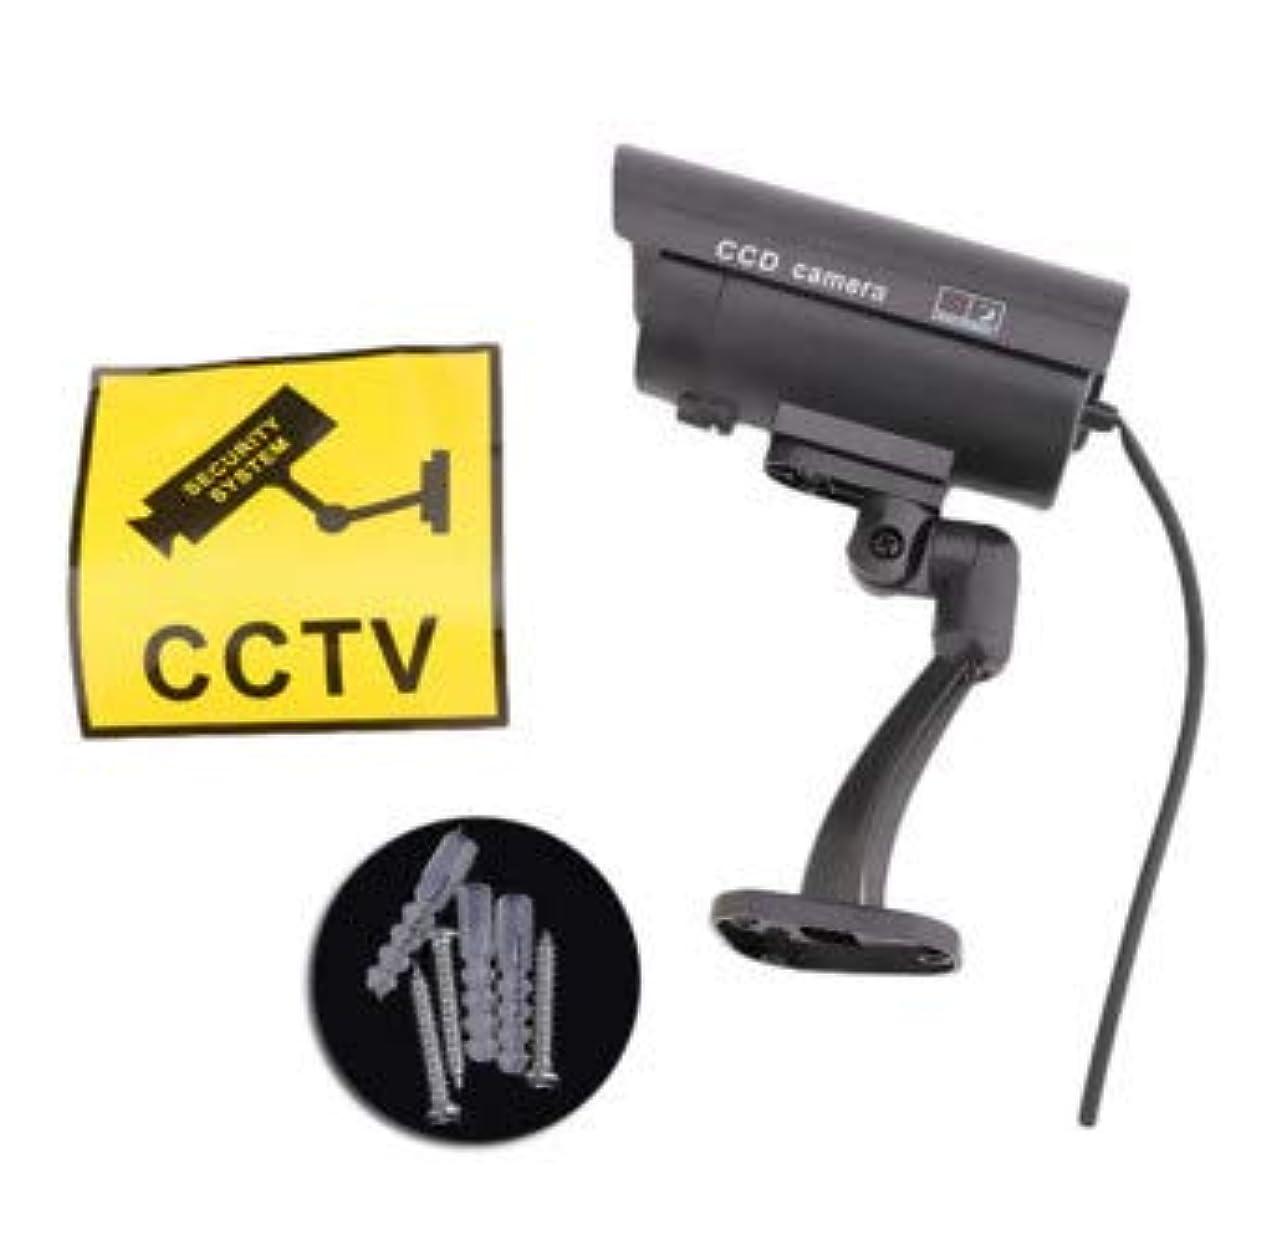 熟読する位置する酒本物のようなCCD防犯ダミーカメラ/犯罪防止策/監視/セキュリティー/家/駐車場